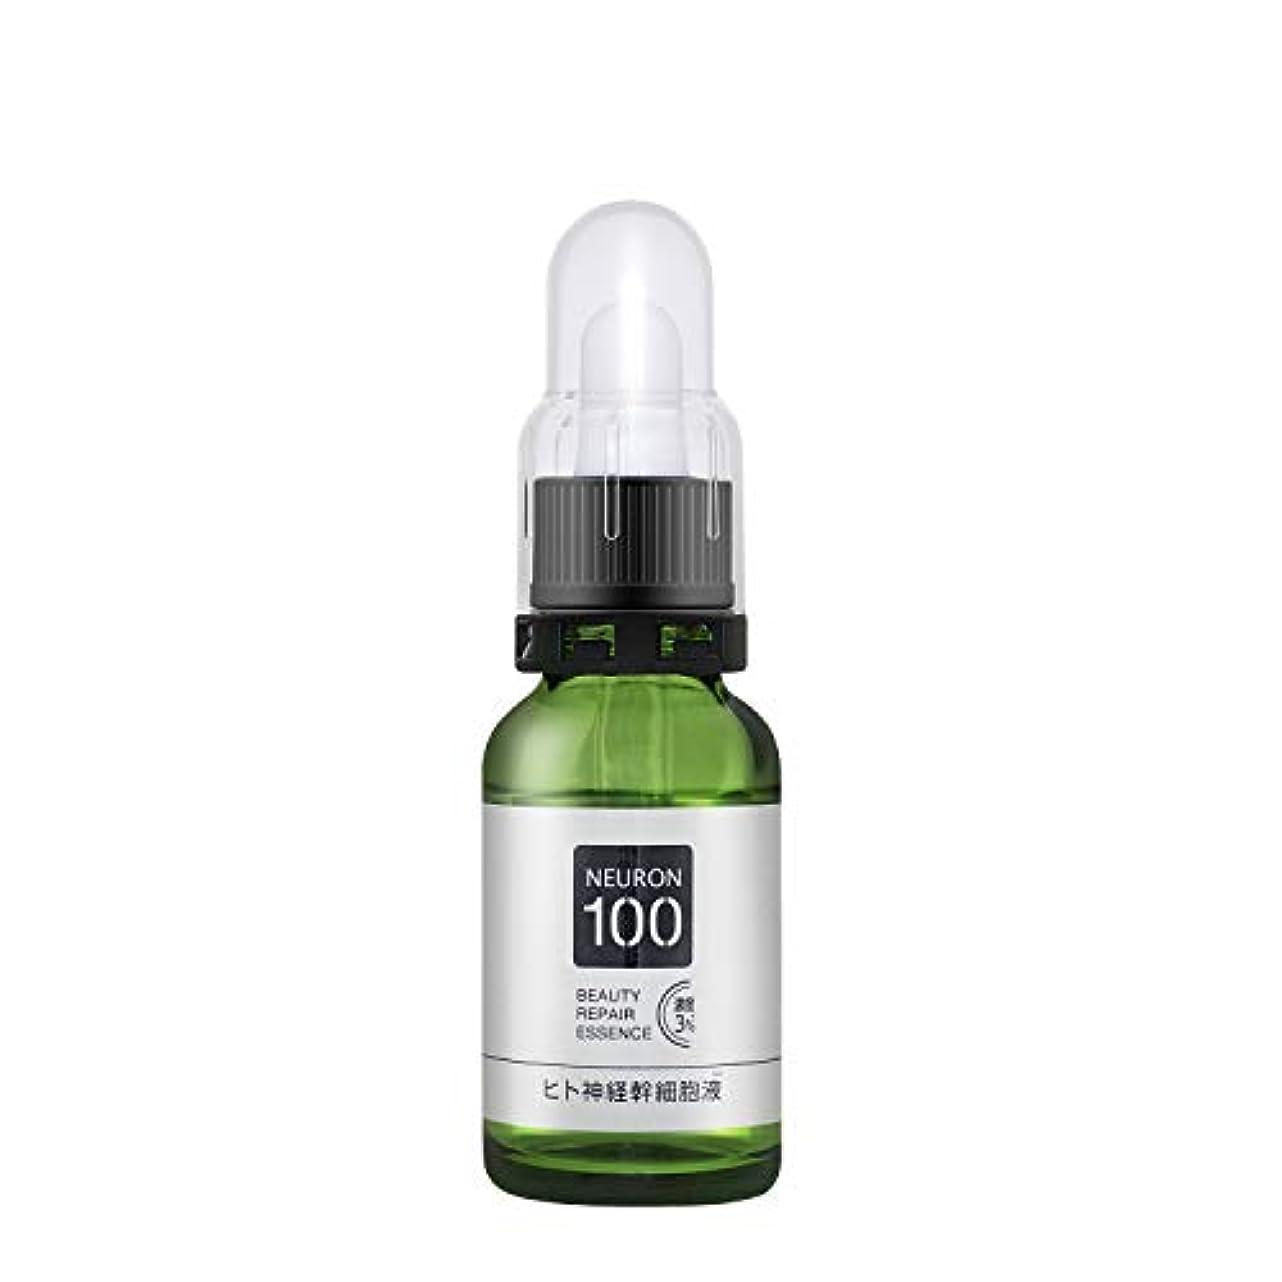 トン住所ドリルエドニス ニューロン100 ヒト神経幹細胞ビューティーリペアエッセンス 濃度3% 美容液